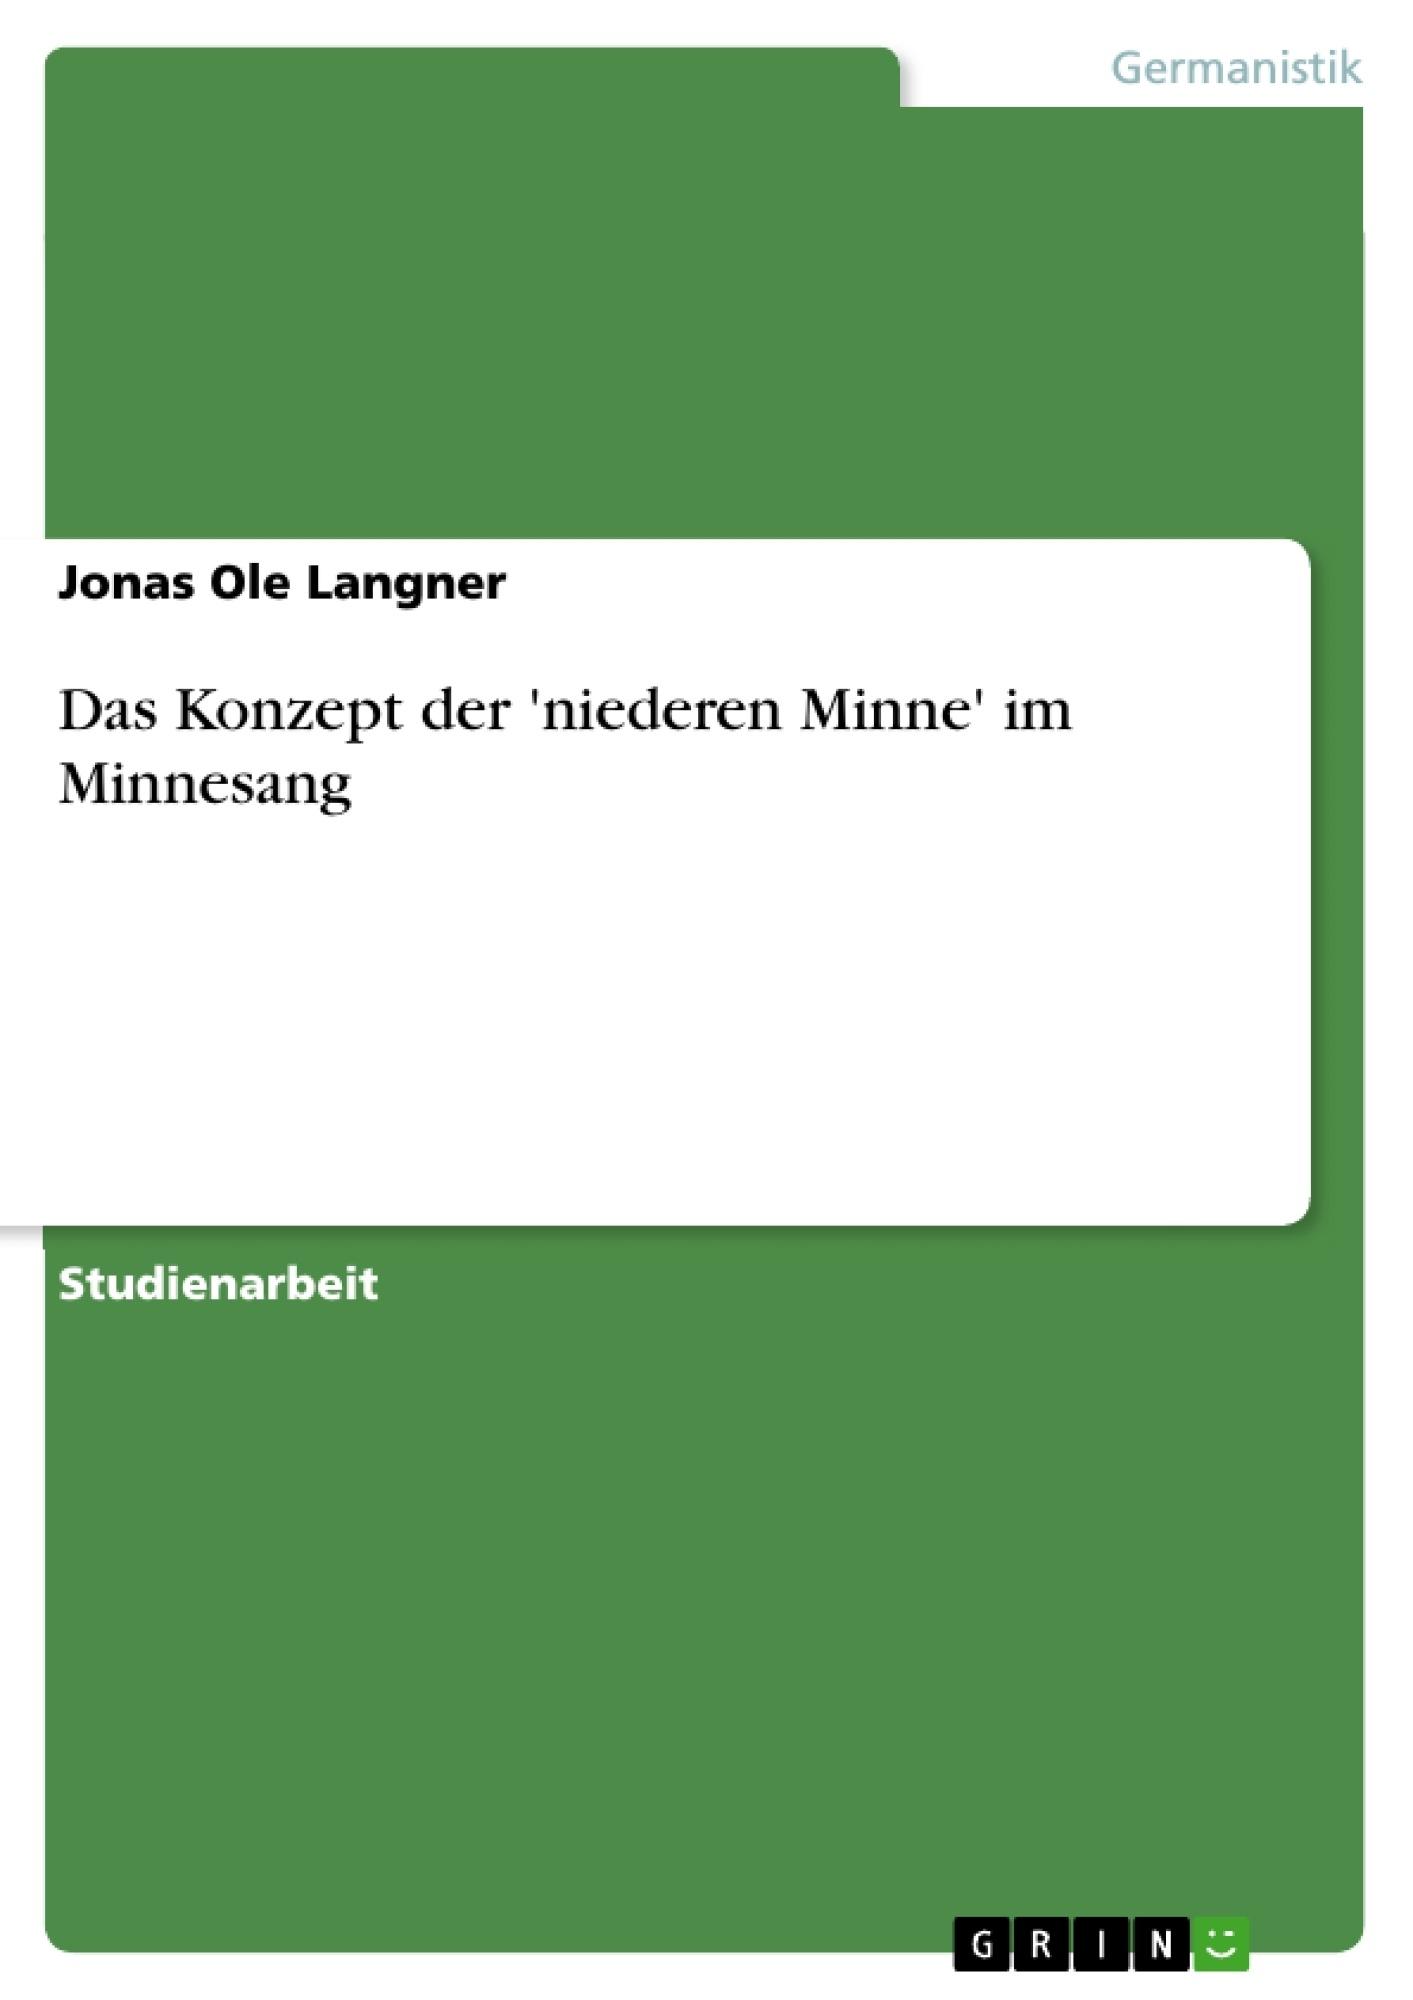 Titel: Das Konzept der 'niederen Minne' im Minnesang